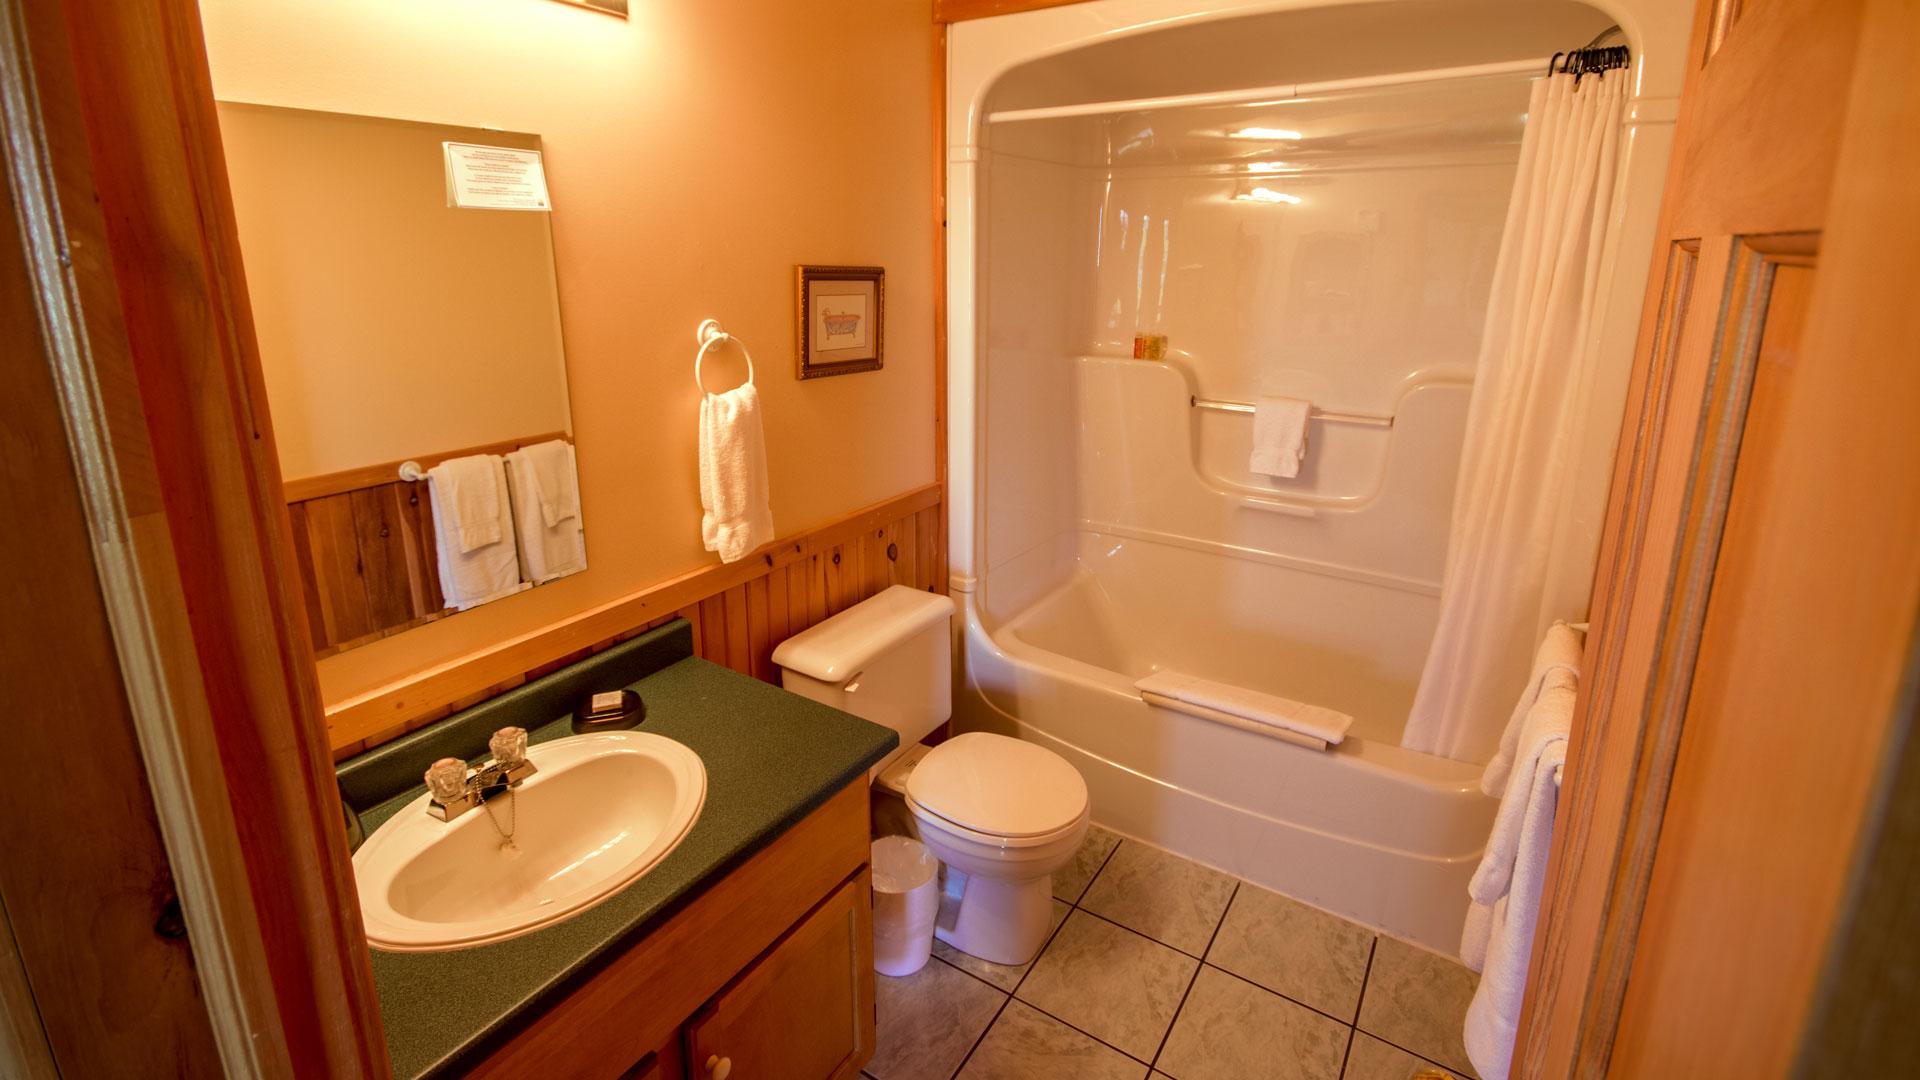 3 Bedroom-Bathroom